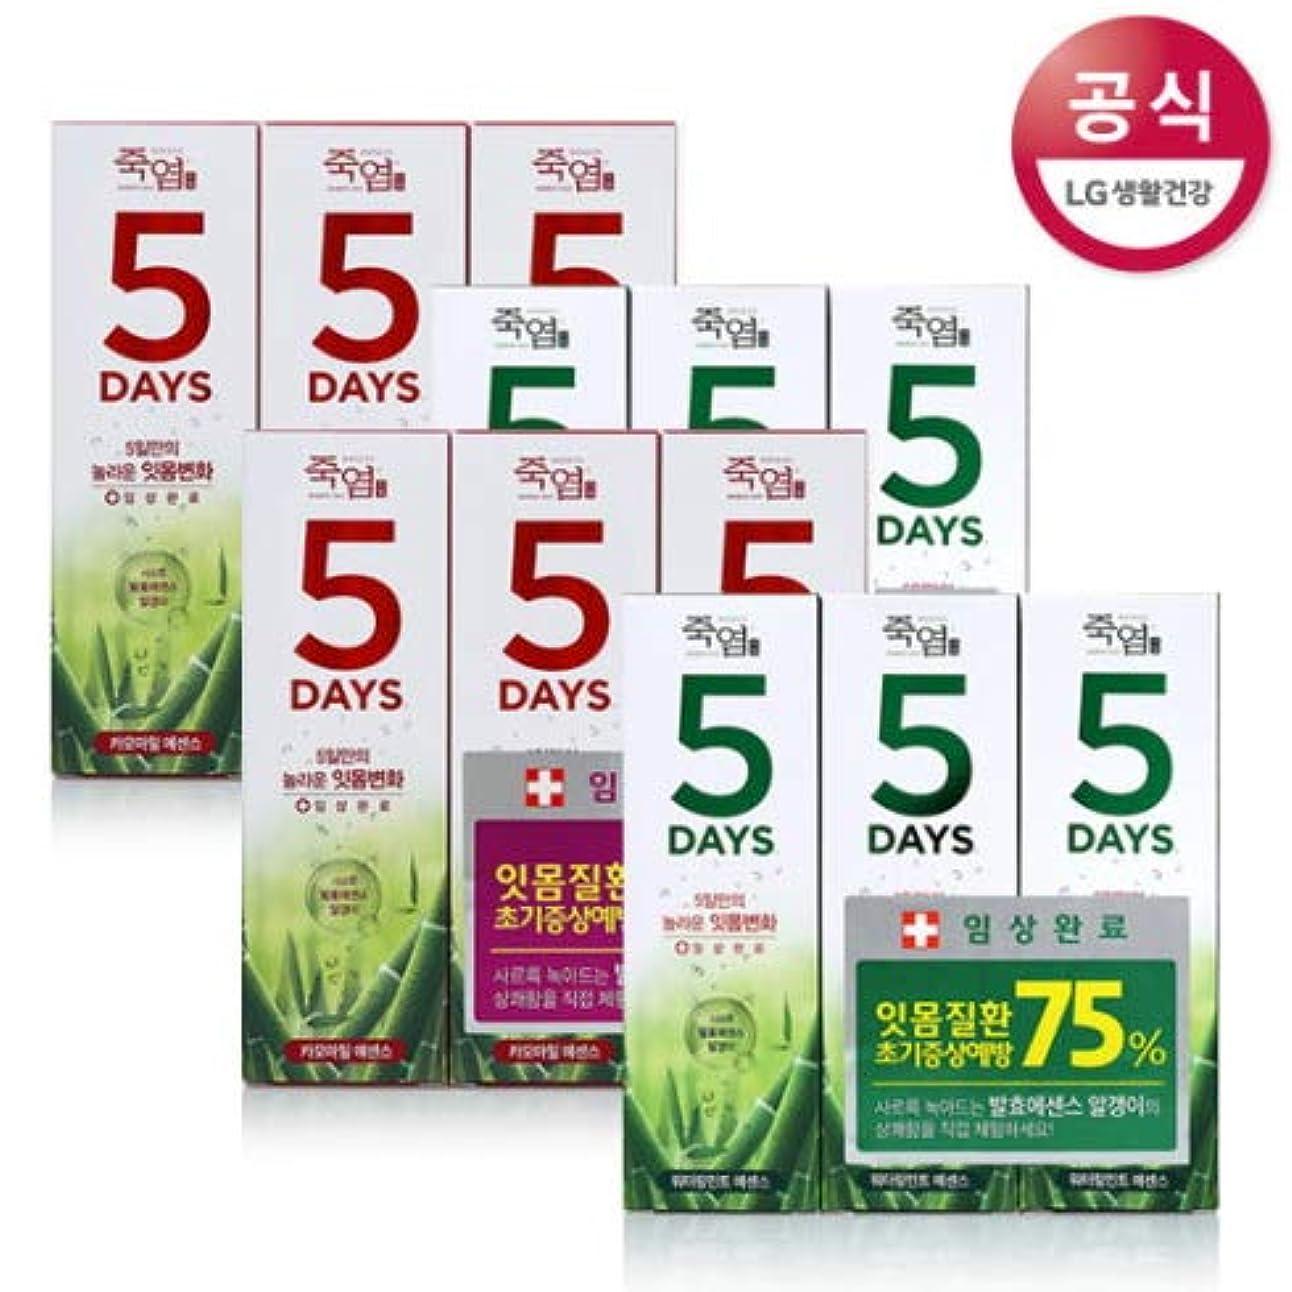 カタログ些細なディレクター[LG HnB] Bamboo Salt 5days Toothpaste /竹塩5days歯磨き粉 100gx12個(海外直送品)